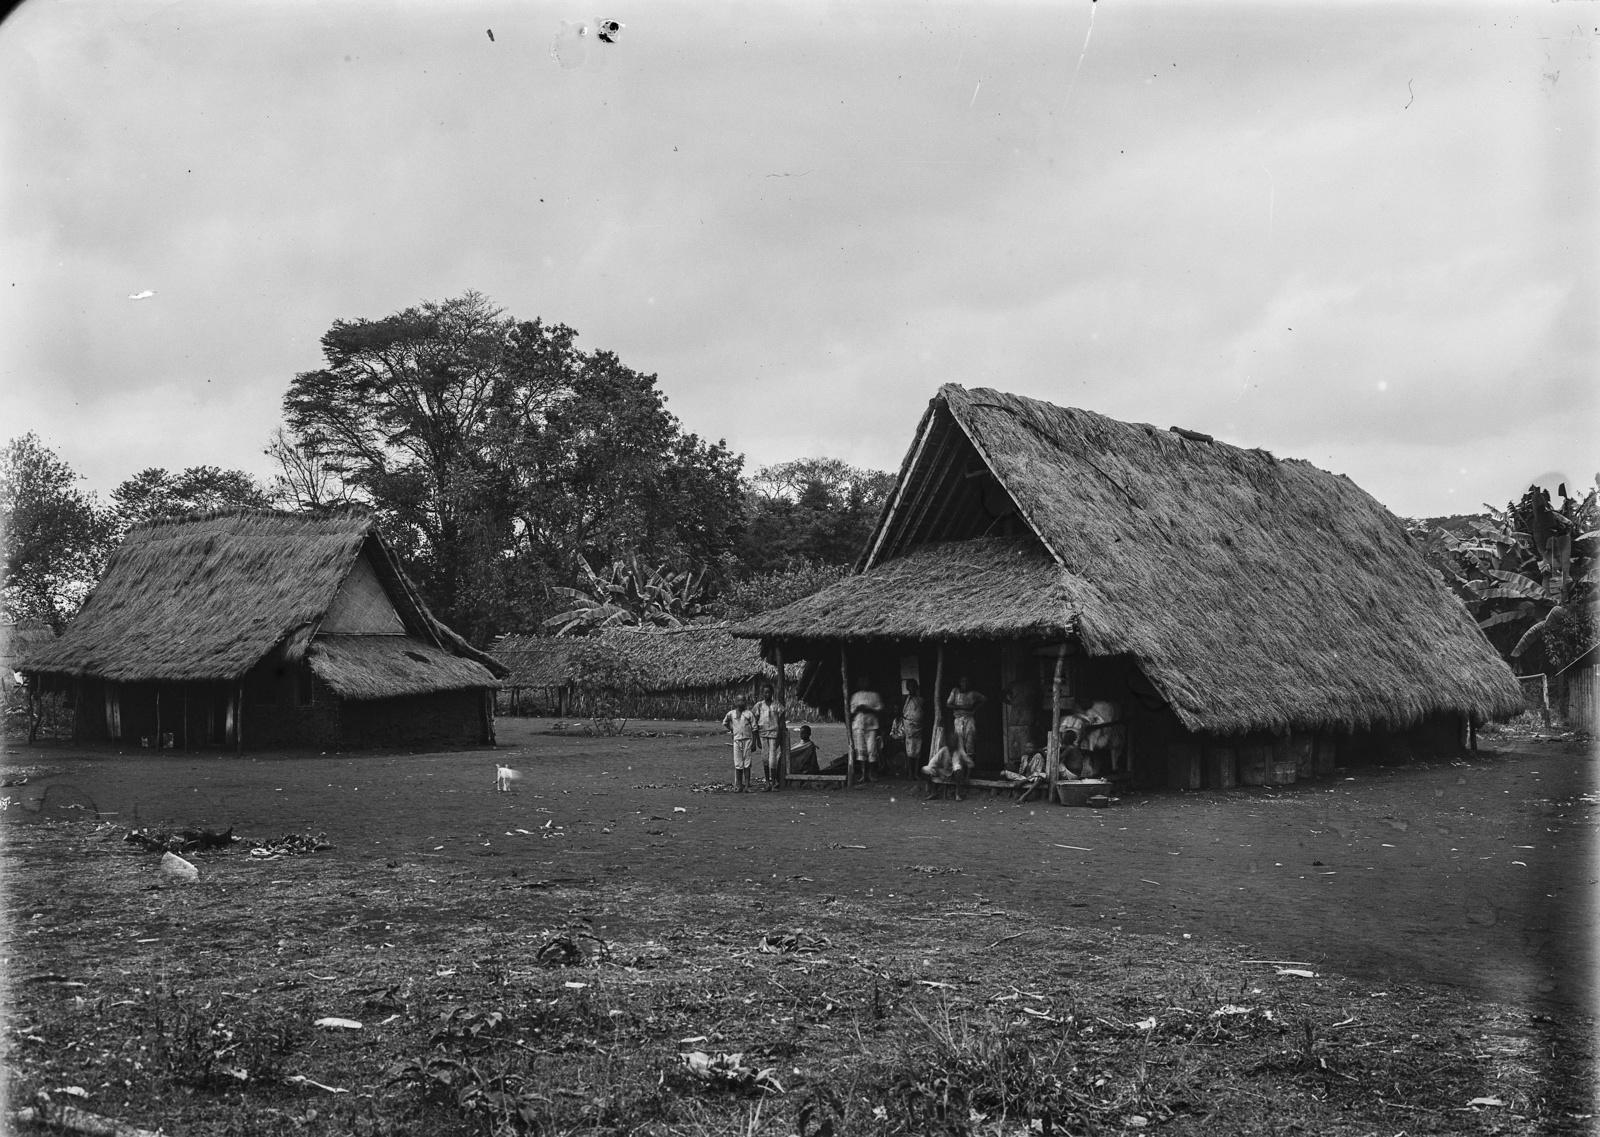 44. Поселение, вероятно, станция немецкого общества Восточной Африки (ДОАГ) в районе Килиманджаро